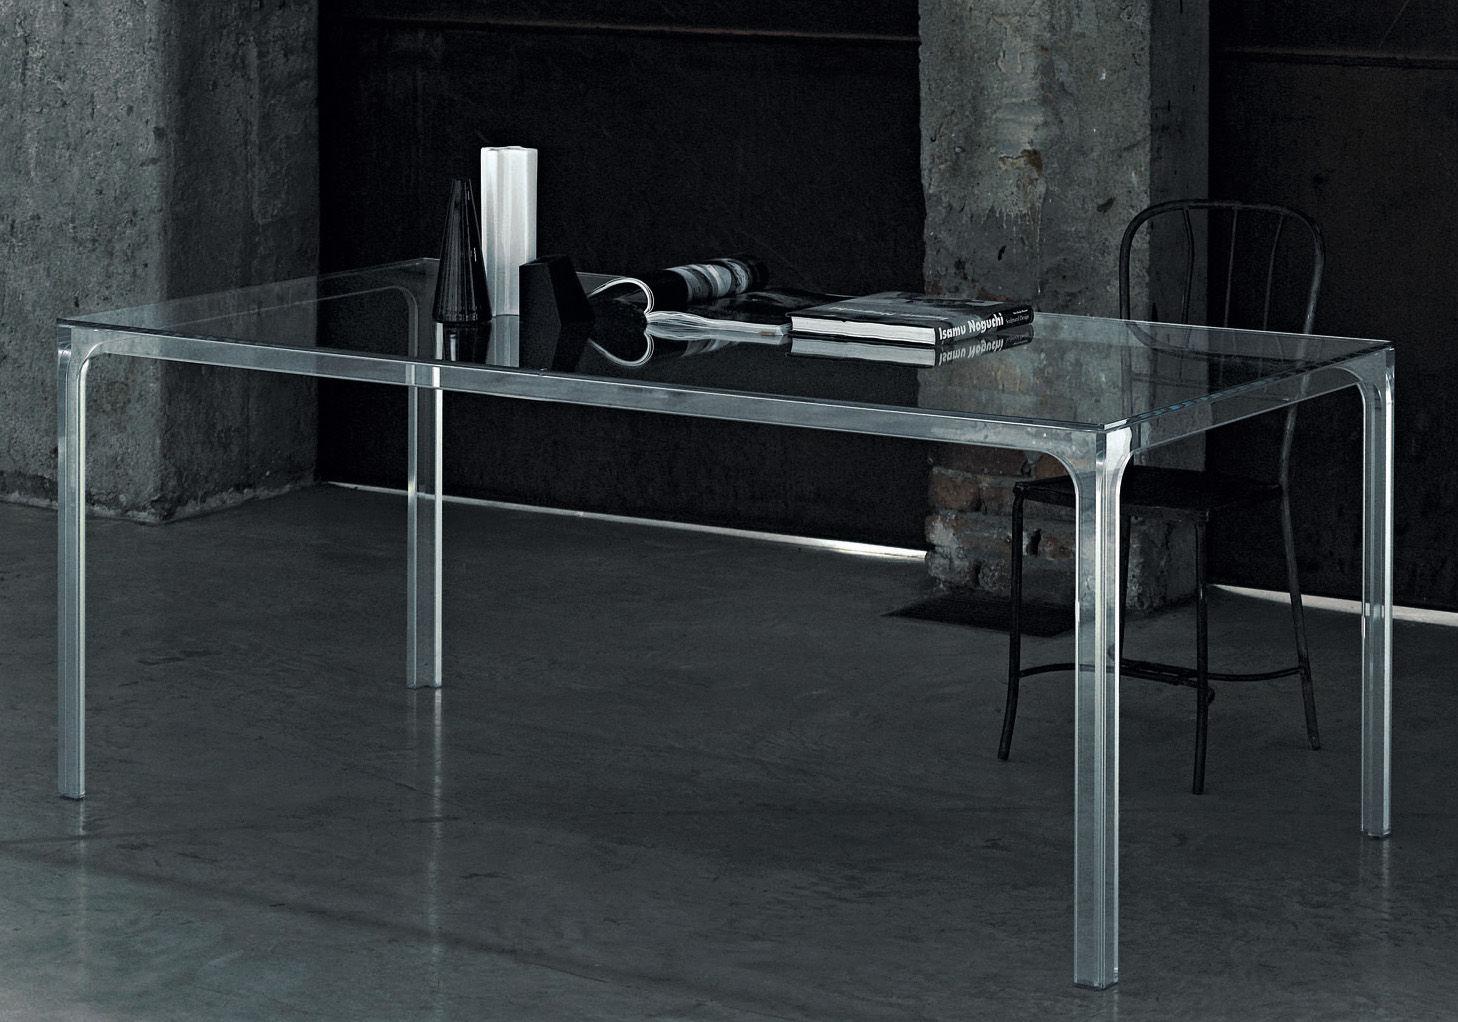 Möbel - Tische - Oscar rechteckiger Tisch 190 x 90 cm - Glas Italia - Transparent - Cristal trempé